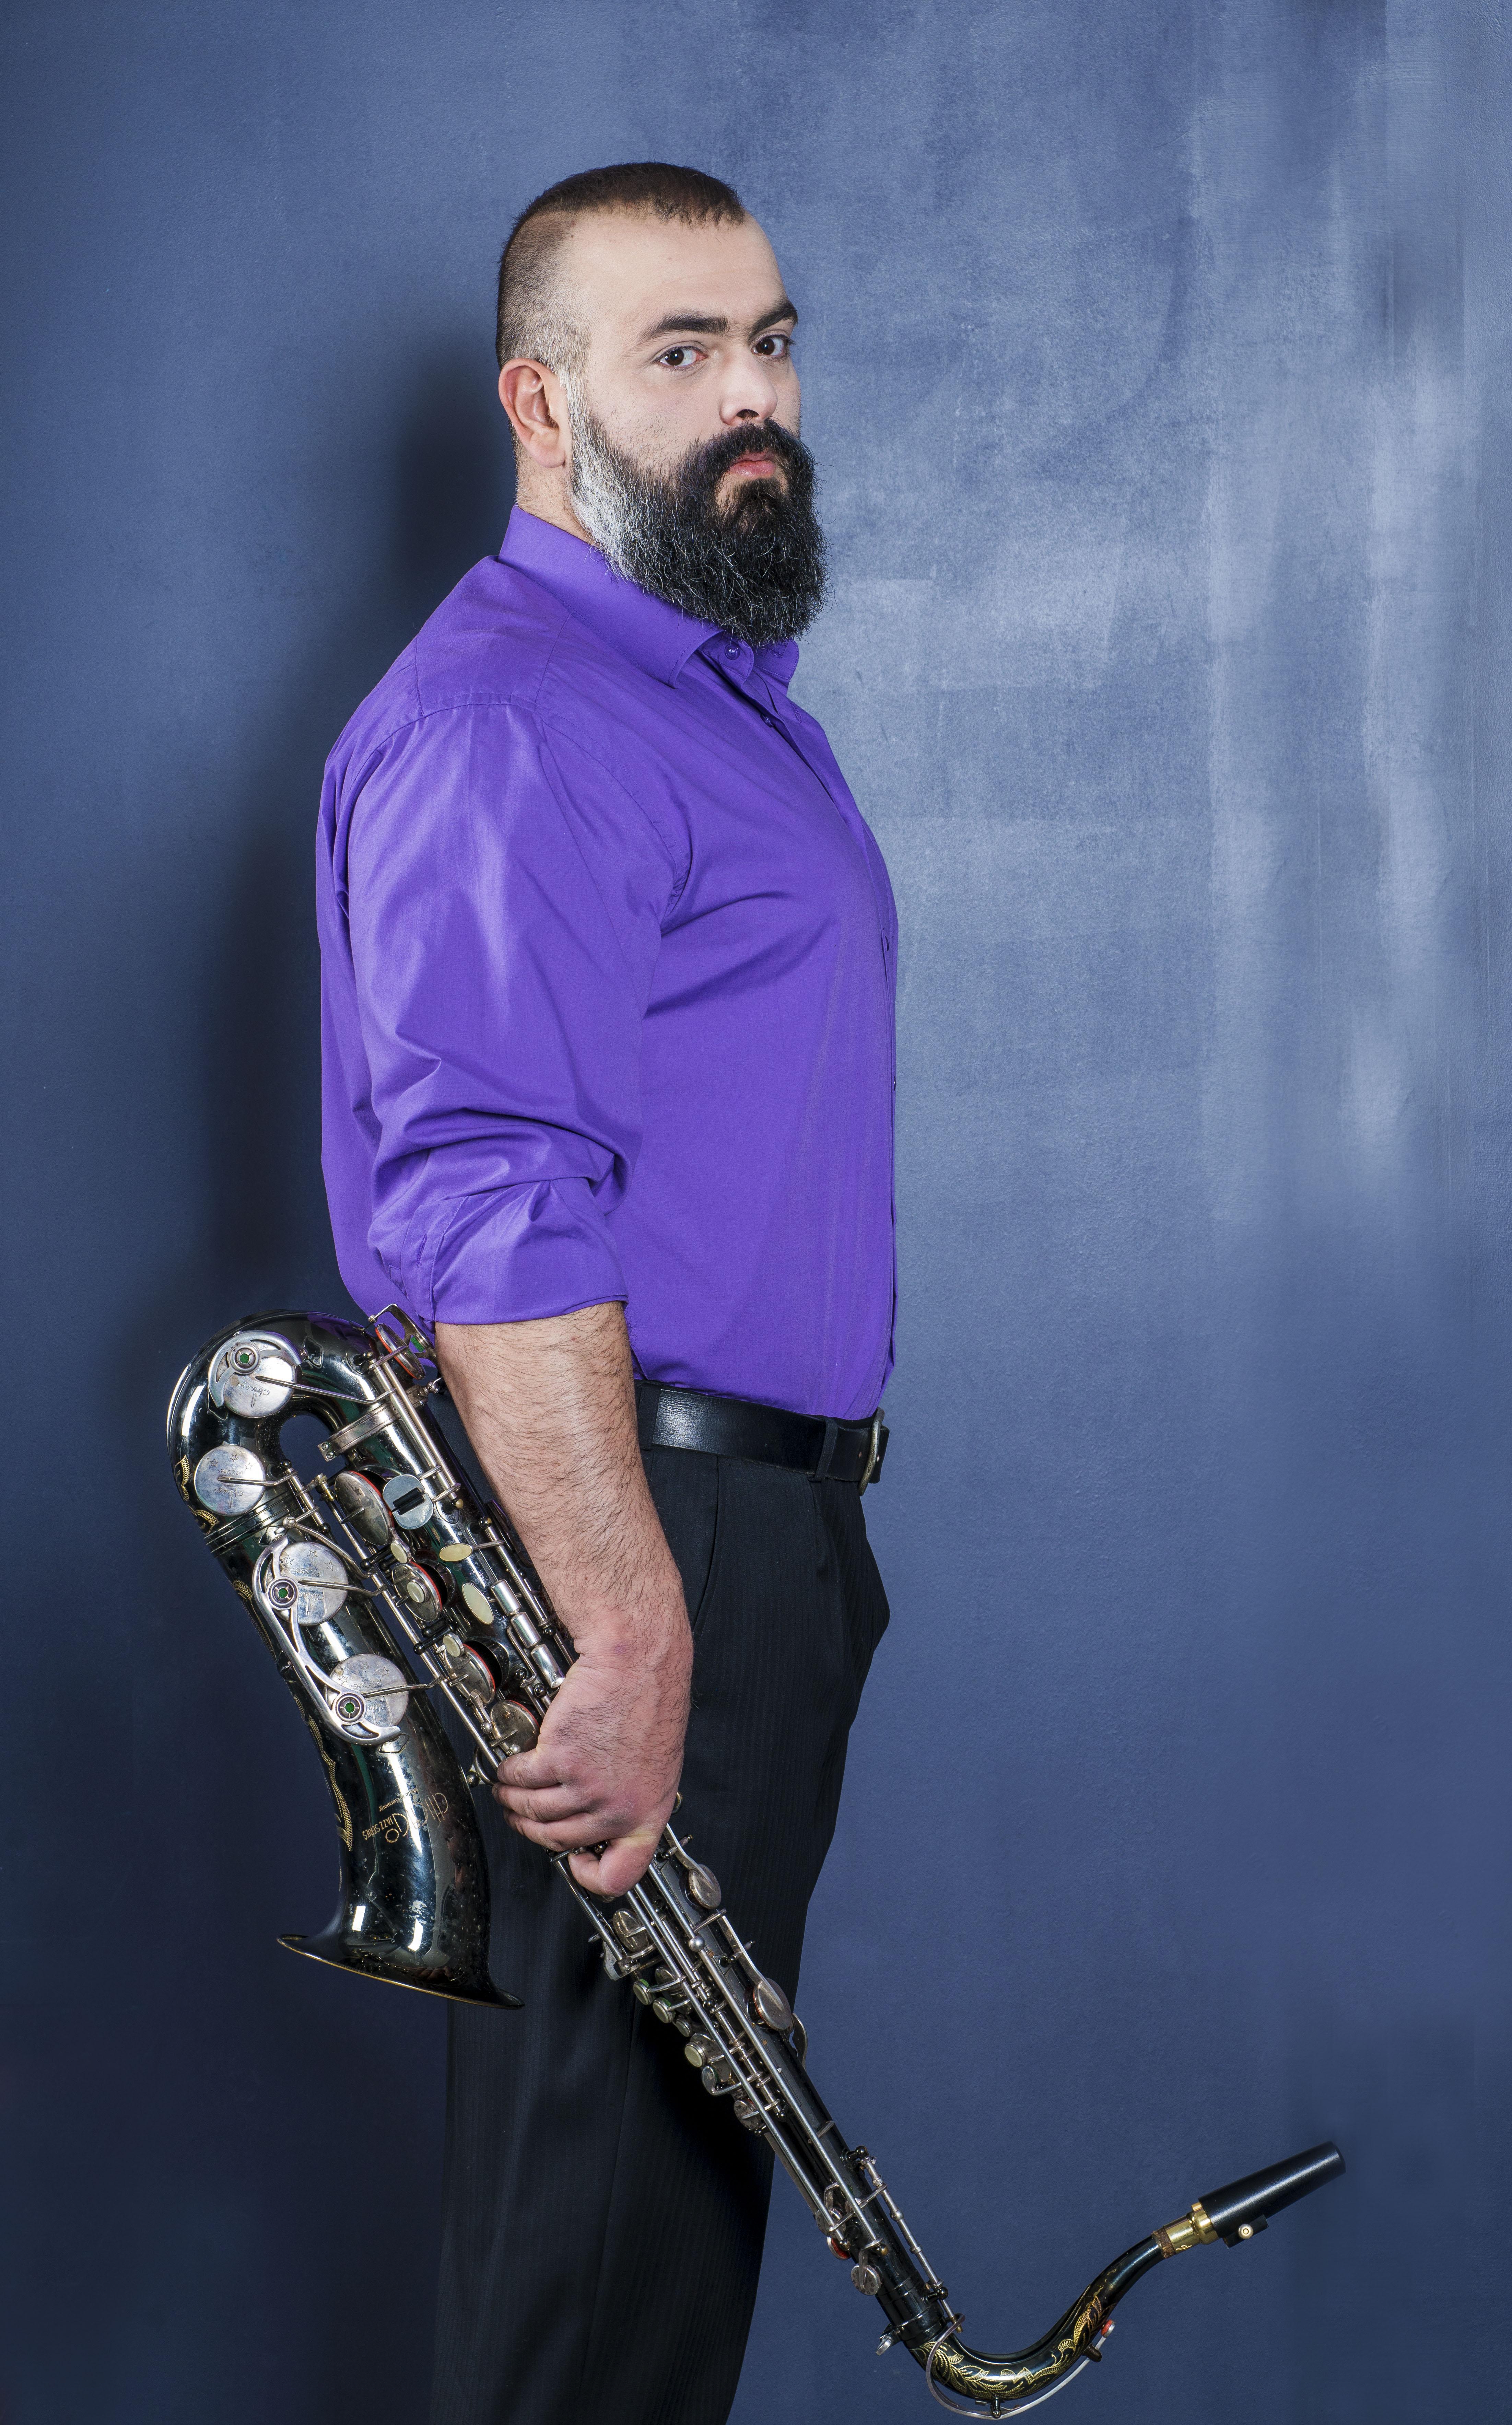 Павел Аракелян саксофон